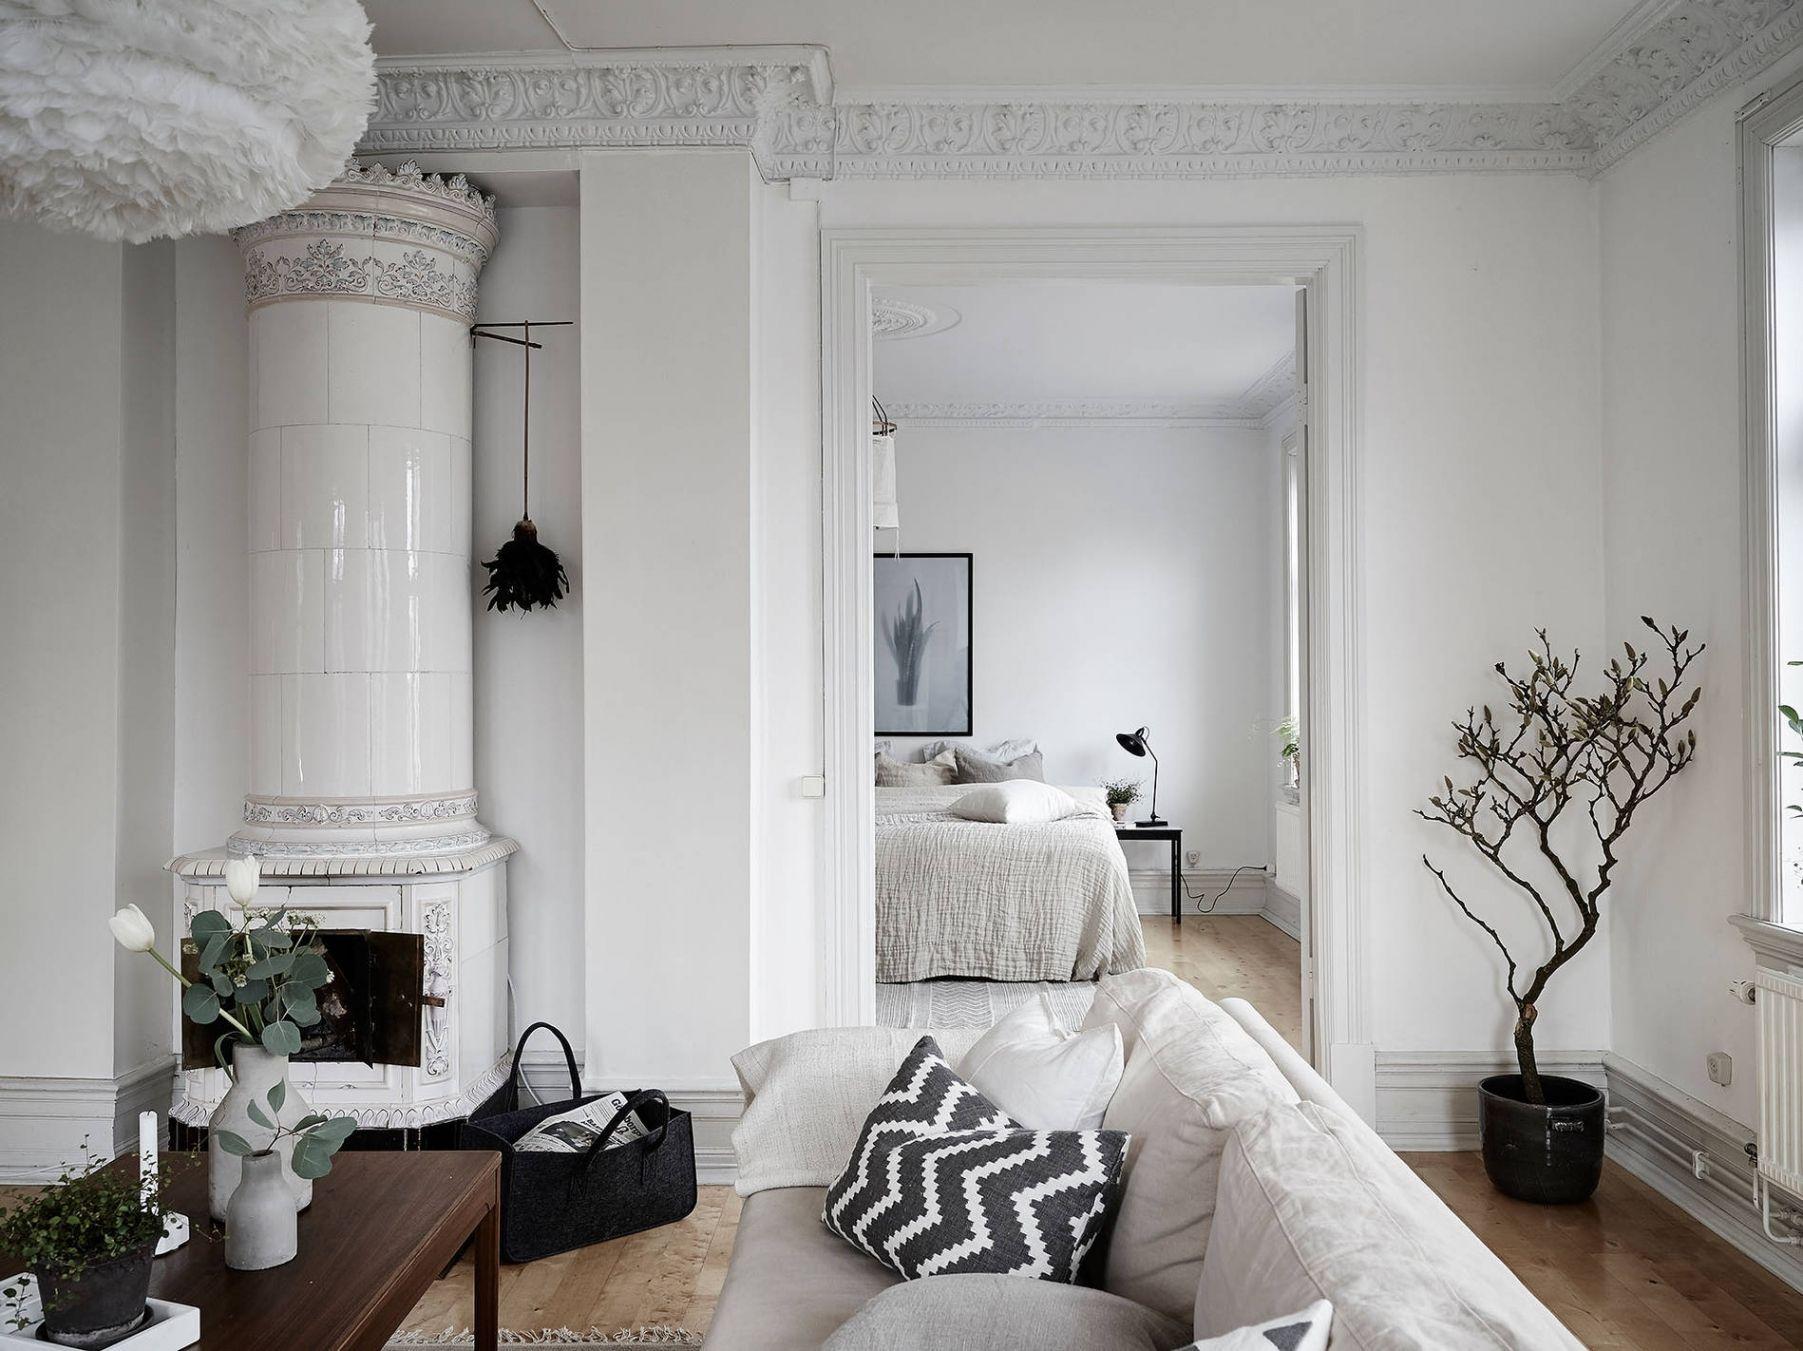 Wohnzimmer Altbau Modern Diele Einrichtungsideen Landhaus Groser